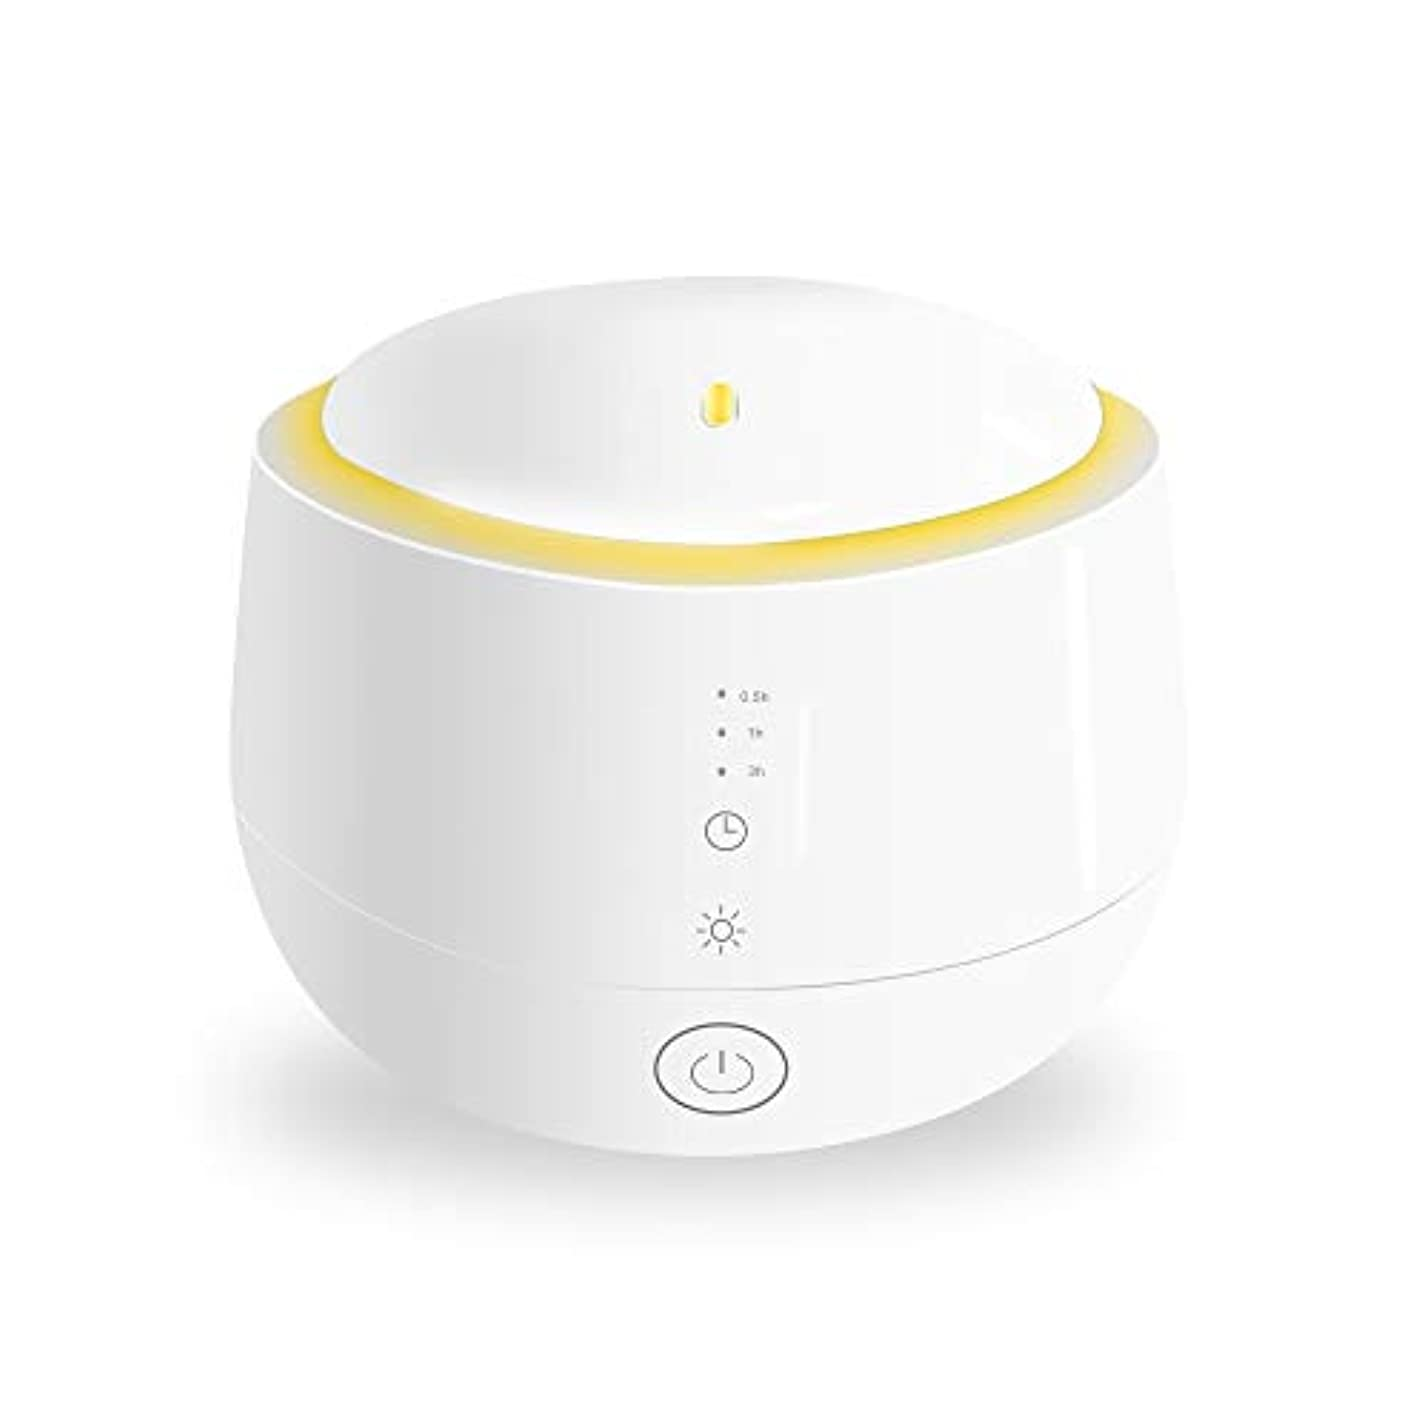 メッセージ未満スプーンSmiler+ 超音波式 アロマディフューザー 加湿器 ムードランプ 大容量 ガラスカバー 空焚き防止機能搭載 変色LED付き 低騒音 時間設定